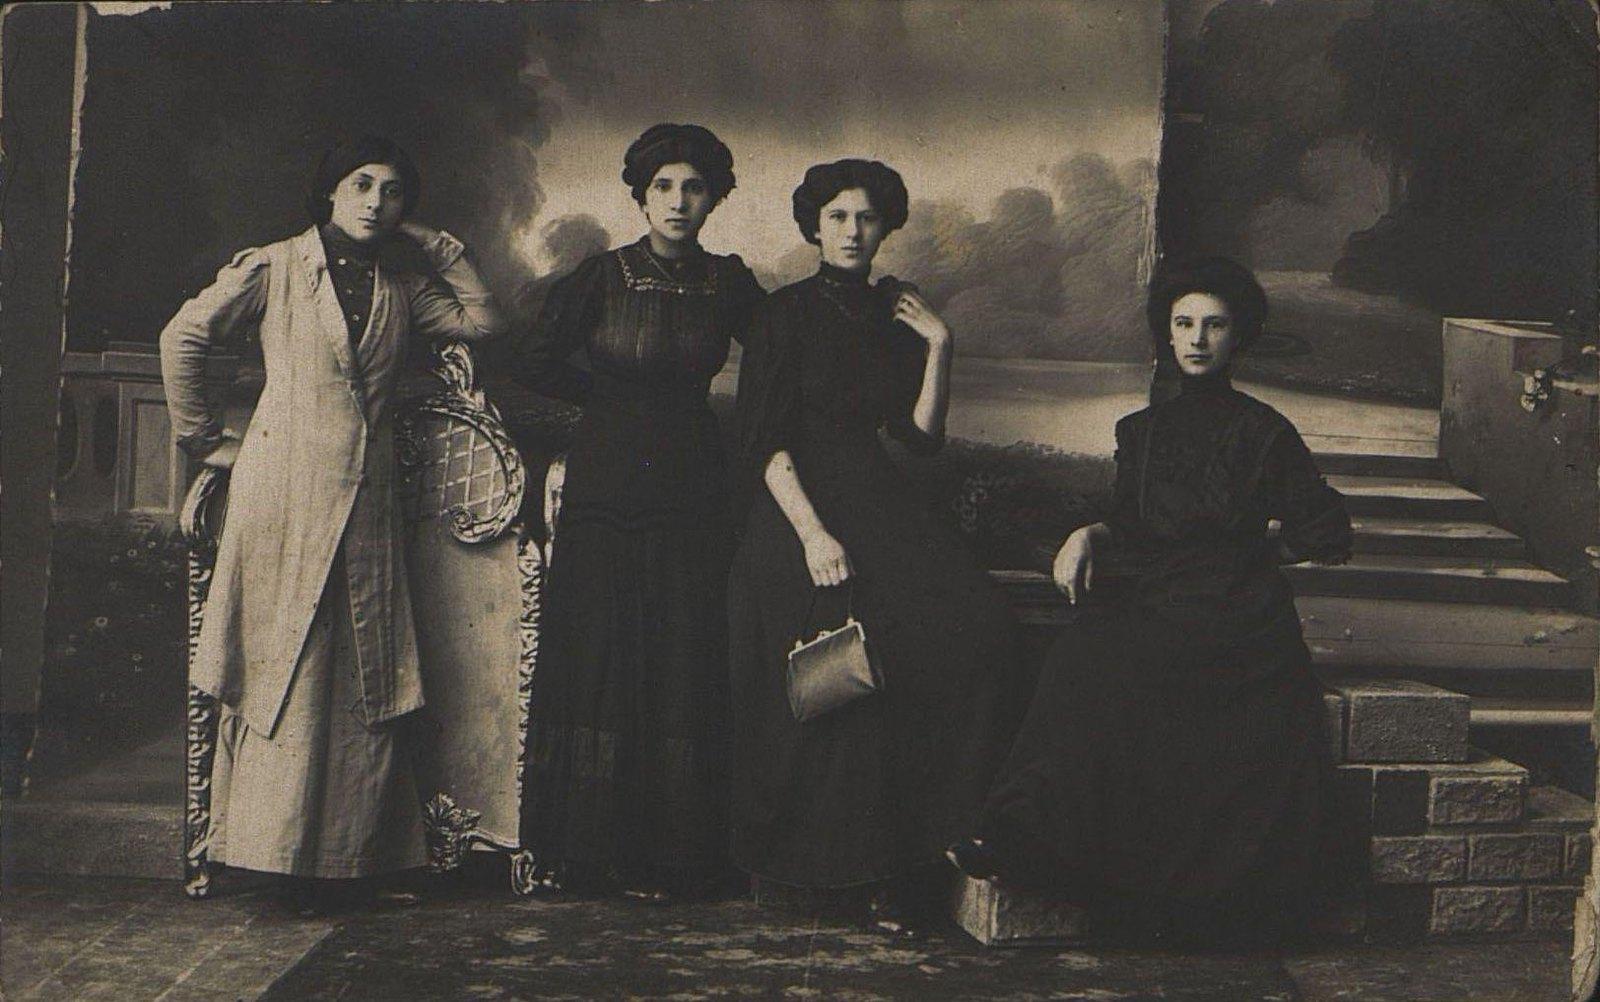 Роза (фамилия неизвестна), Крижановская, Нижегородова и Денисова Е.Н., работницы Одесской табачной фабрики.1907-1914 гг.